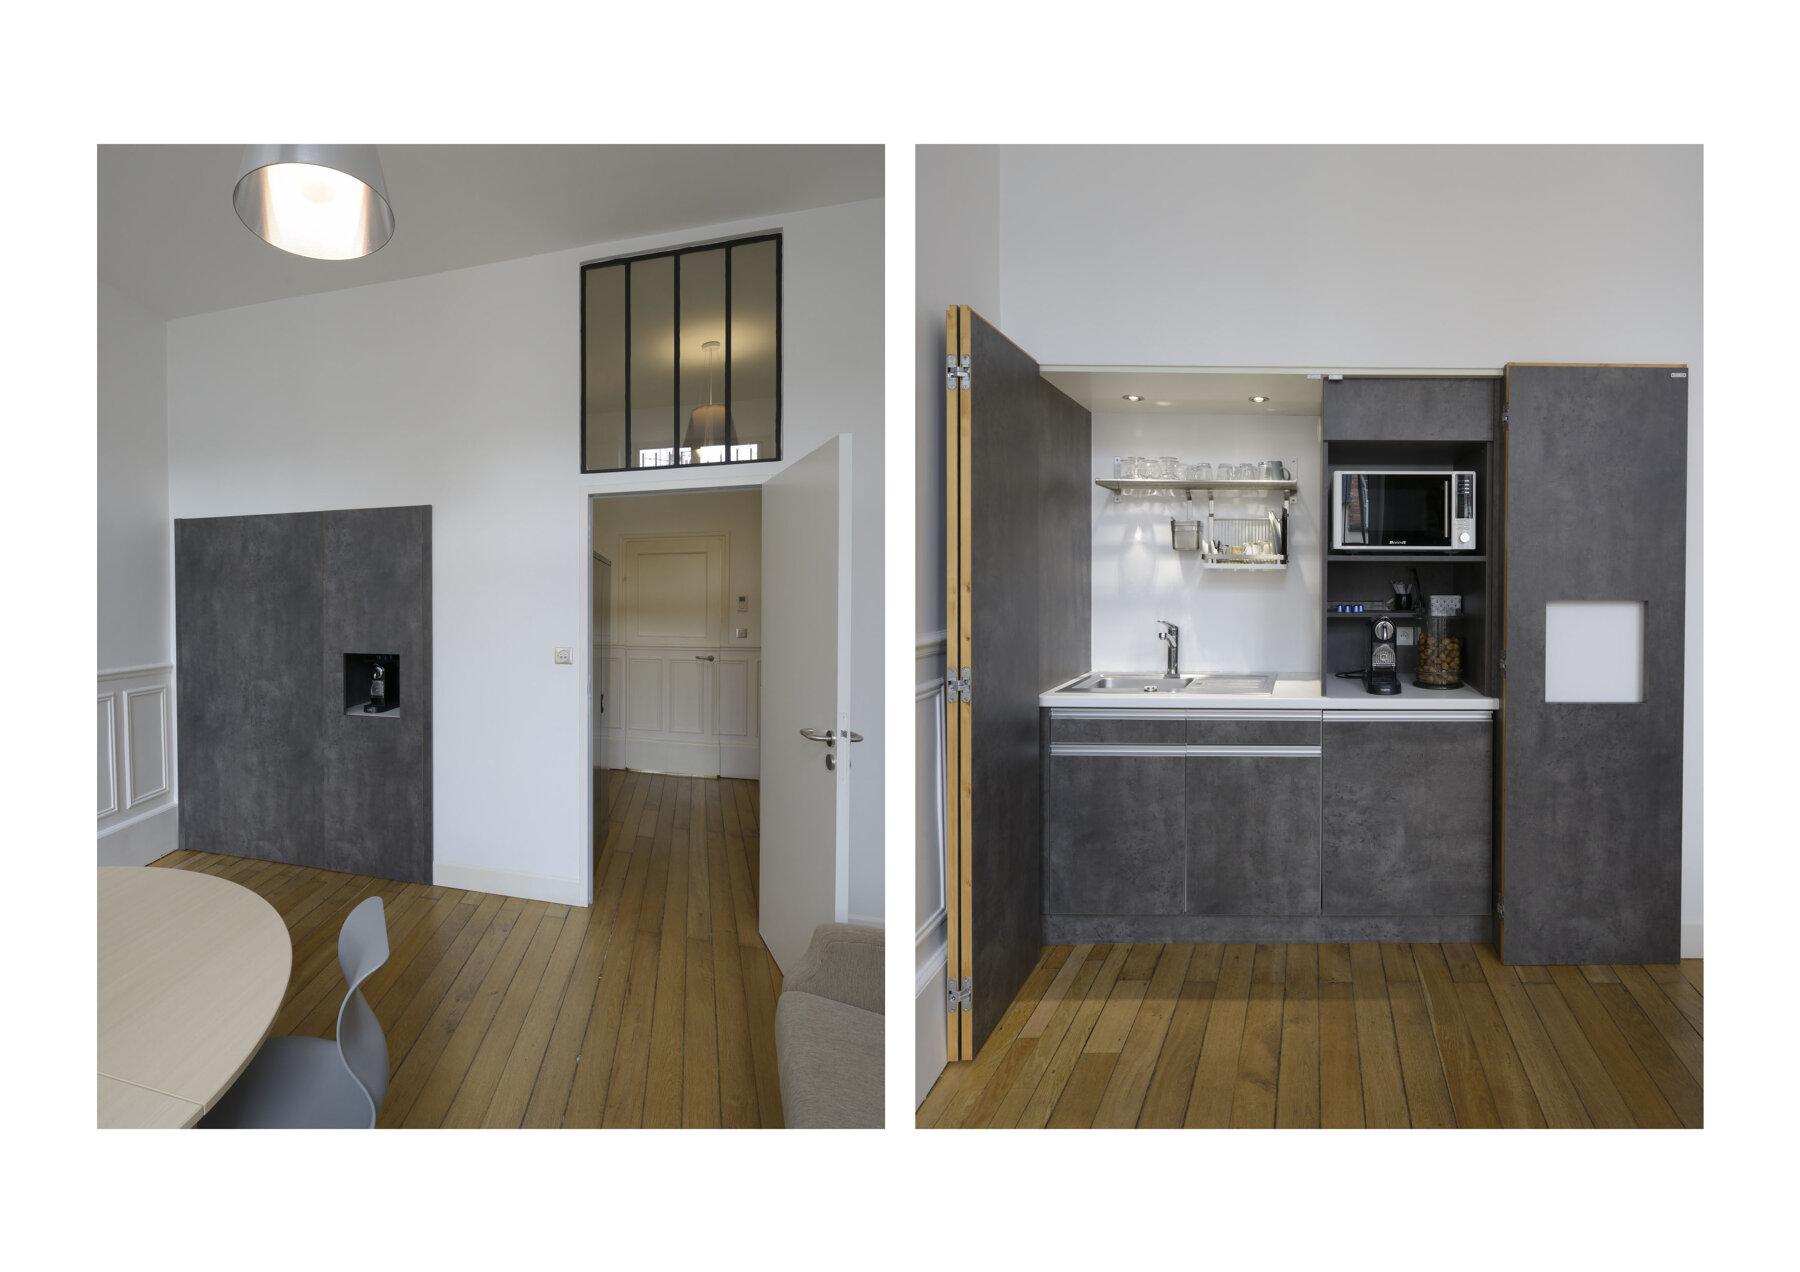 Rénovation - Bureaux par un architecte Archidvisor